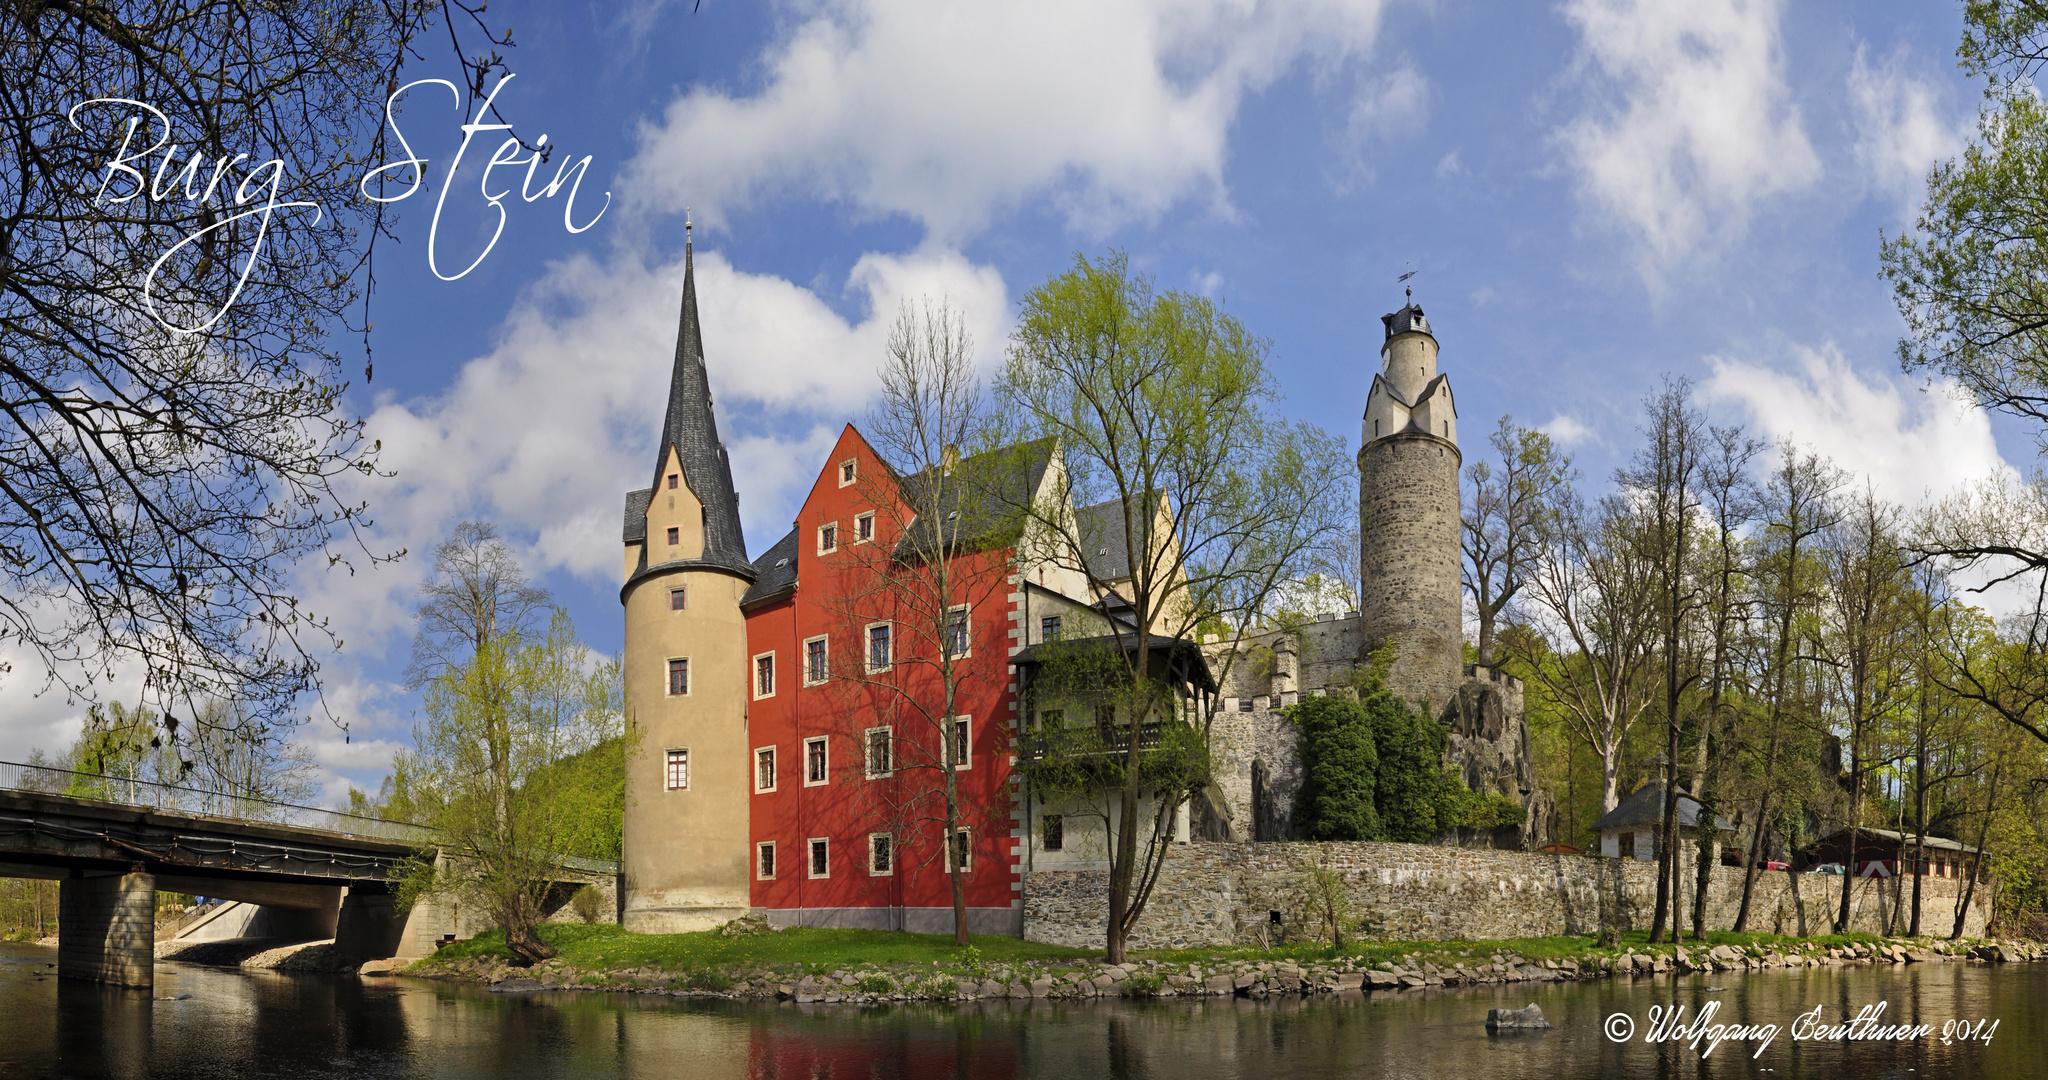 Panorama der Burg Stein bei Hartenstein (Landkreis Zwickau)